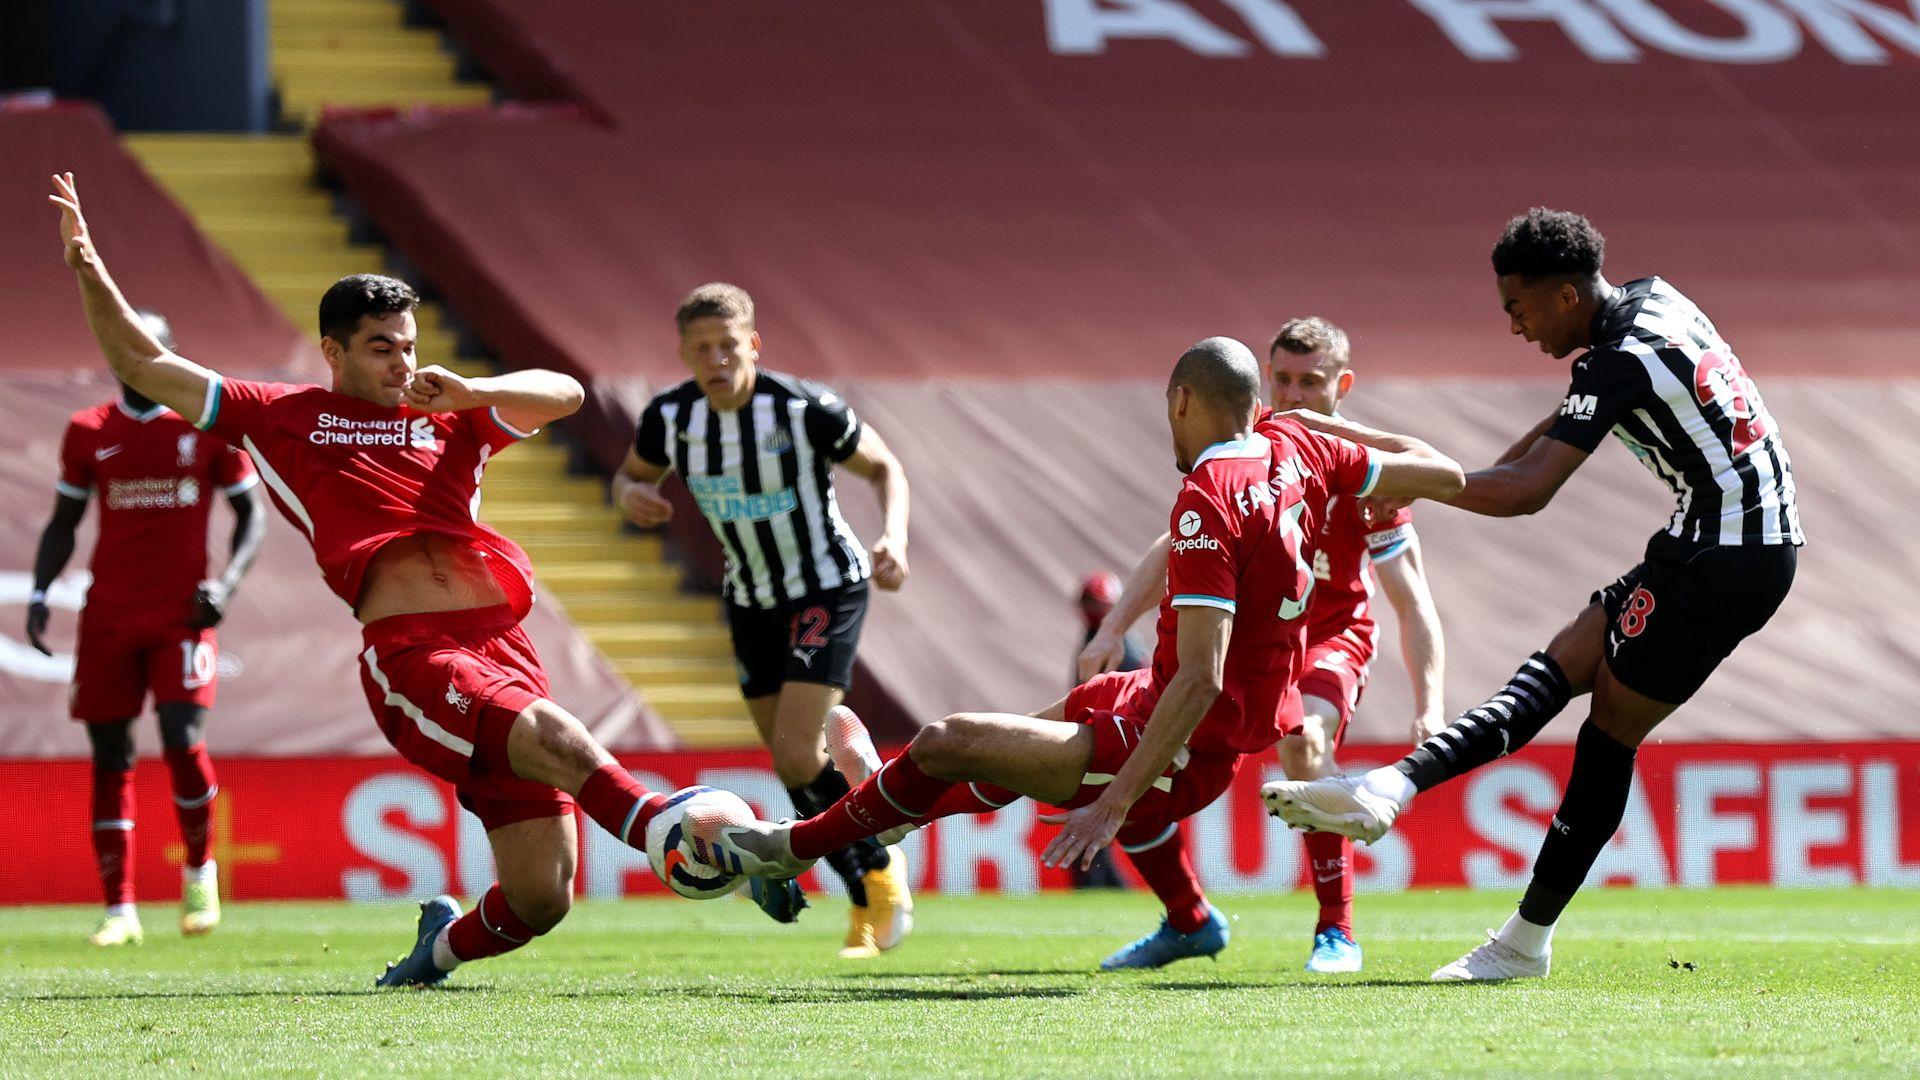 Дежавю и нов болезнен провал в края за Ливърпул, този път срещу Нюкасъл